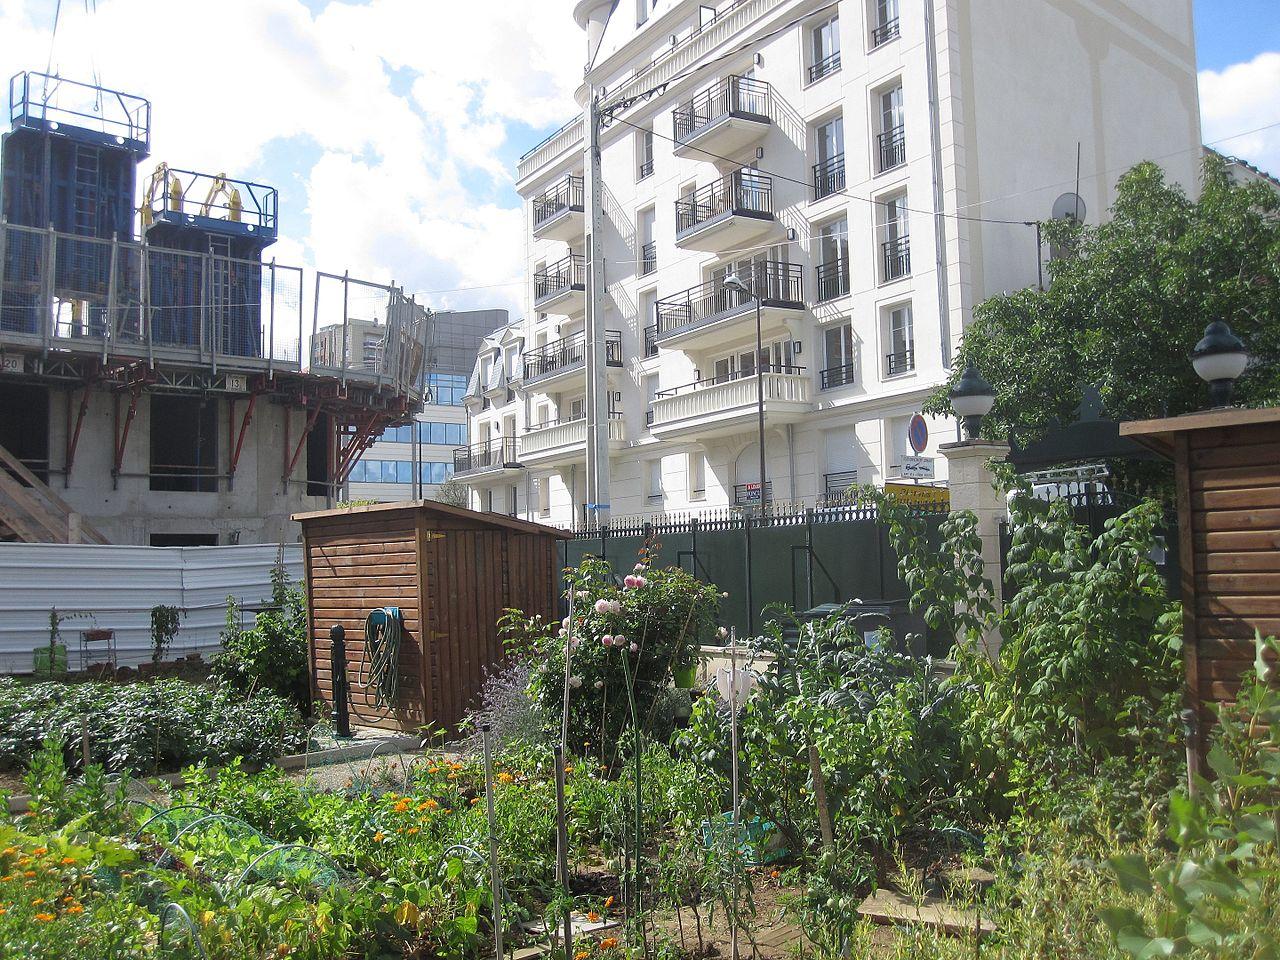 Jardins collectifs - Ville - Verdure - Urbain - Potager - Convivial - Cultiver - Fruits - Légumes - SchoolMouv - Géographie - CM2